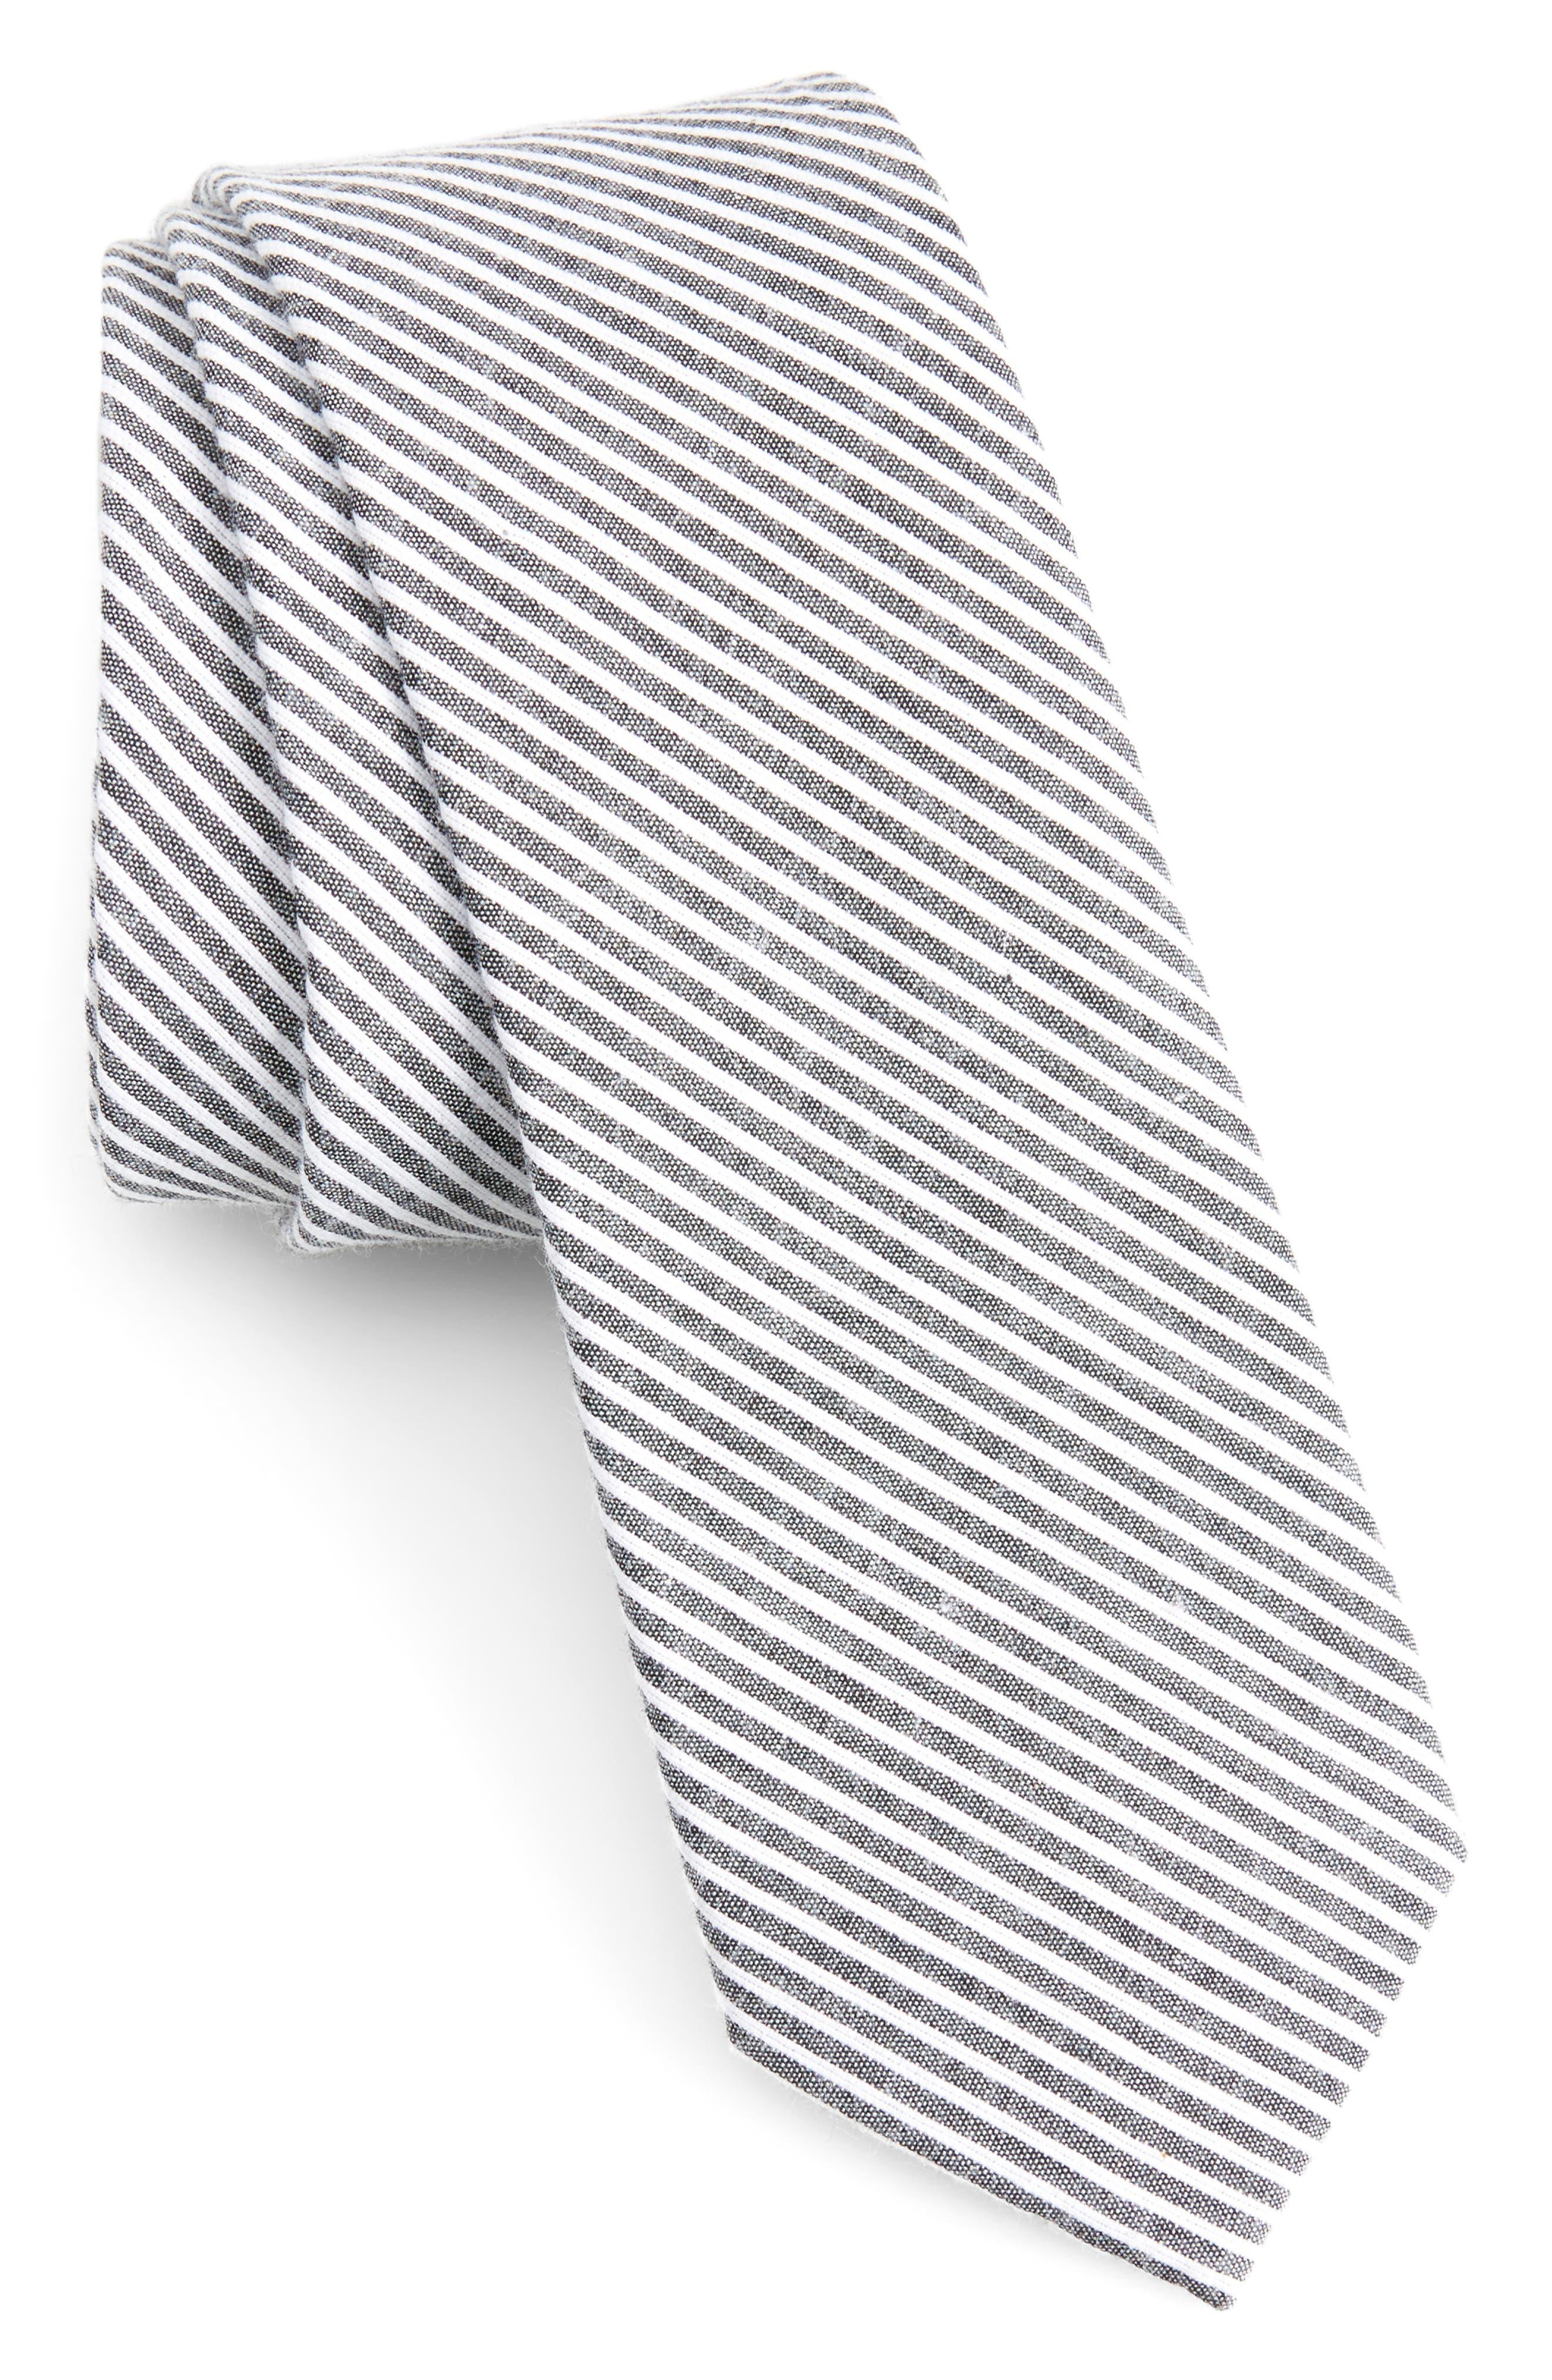 Kenton Stripe Cotton Tie,                         Main,                         color, 001